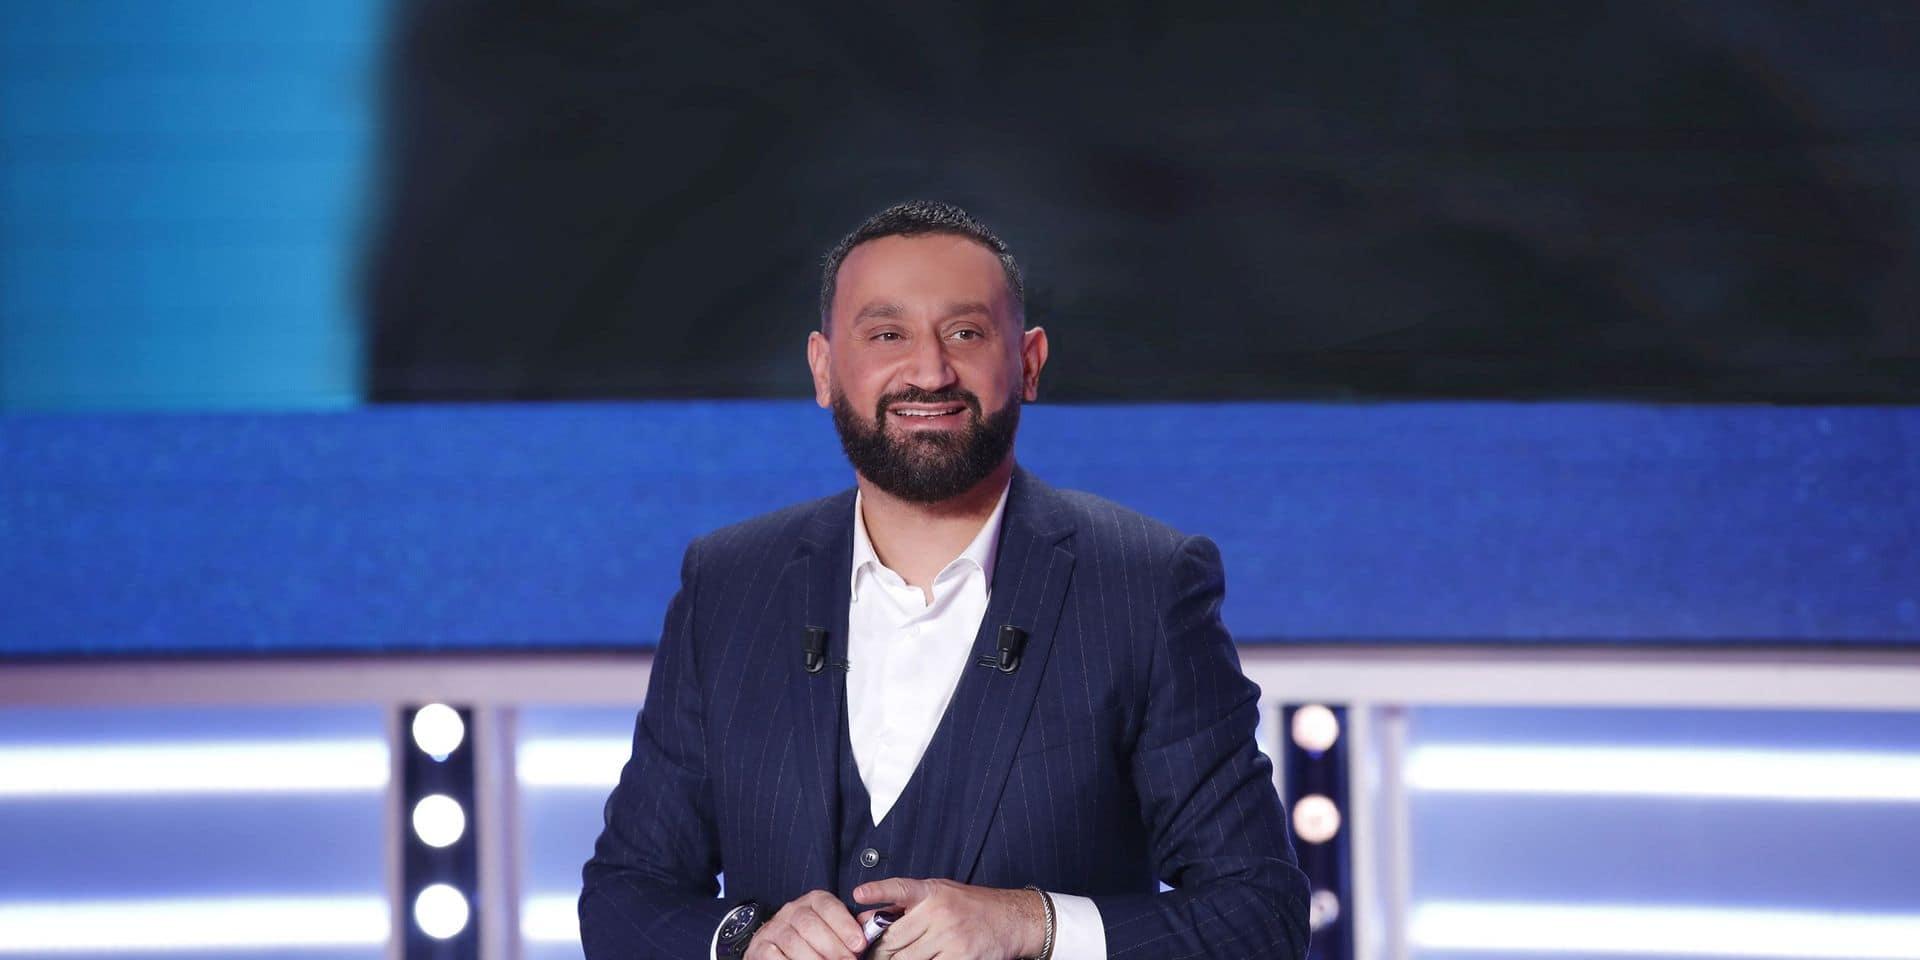 """Cyril Hanouna animateur débat lors de la présidentielle 2022 ? """"C'est quelqu'un de brillant, qui connaît la société française"""""""